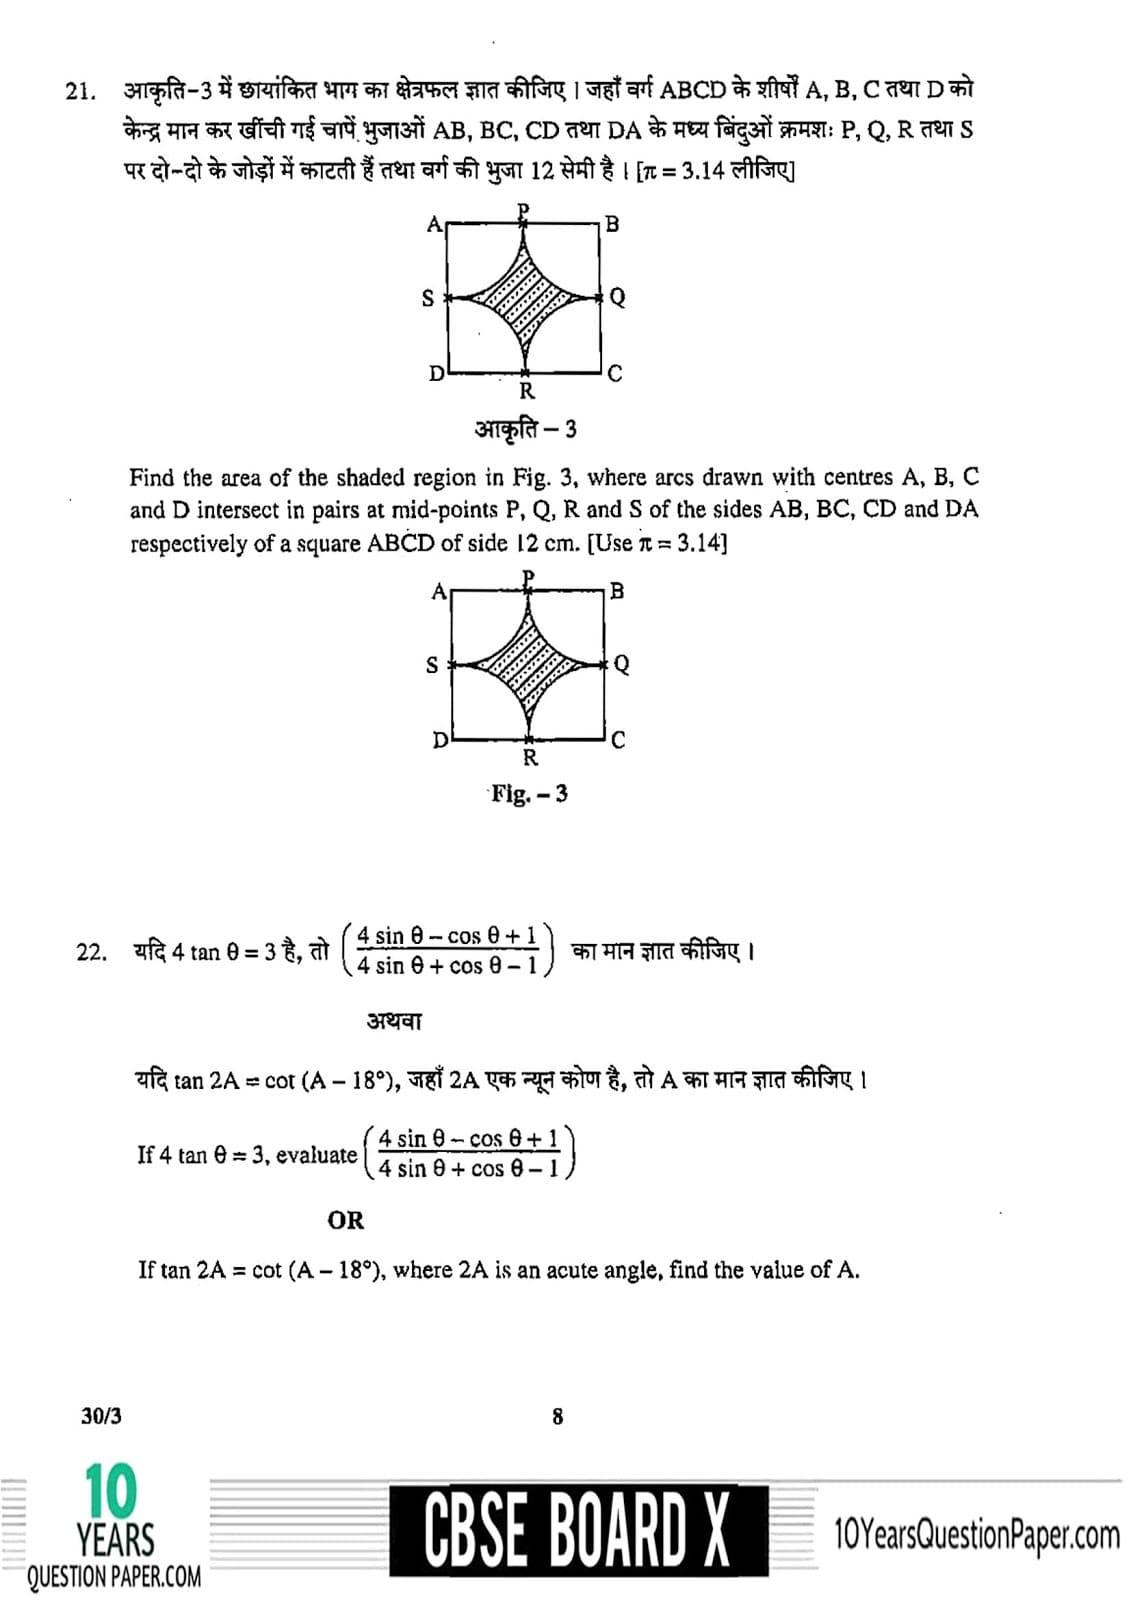 CBSE Class 10 Mathematics 2018 Question Paper